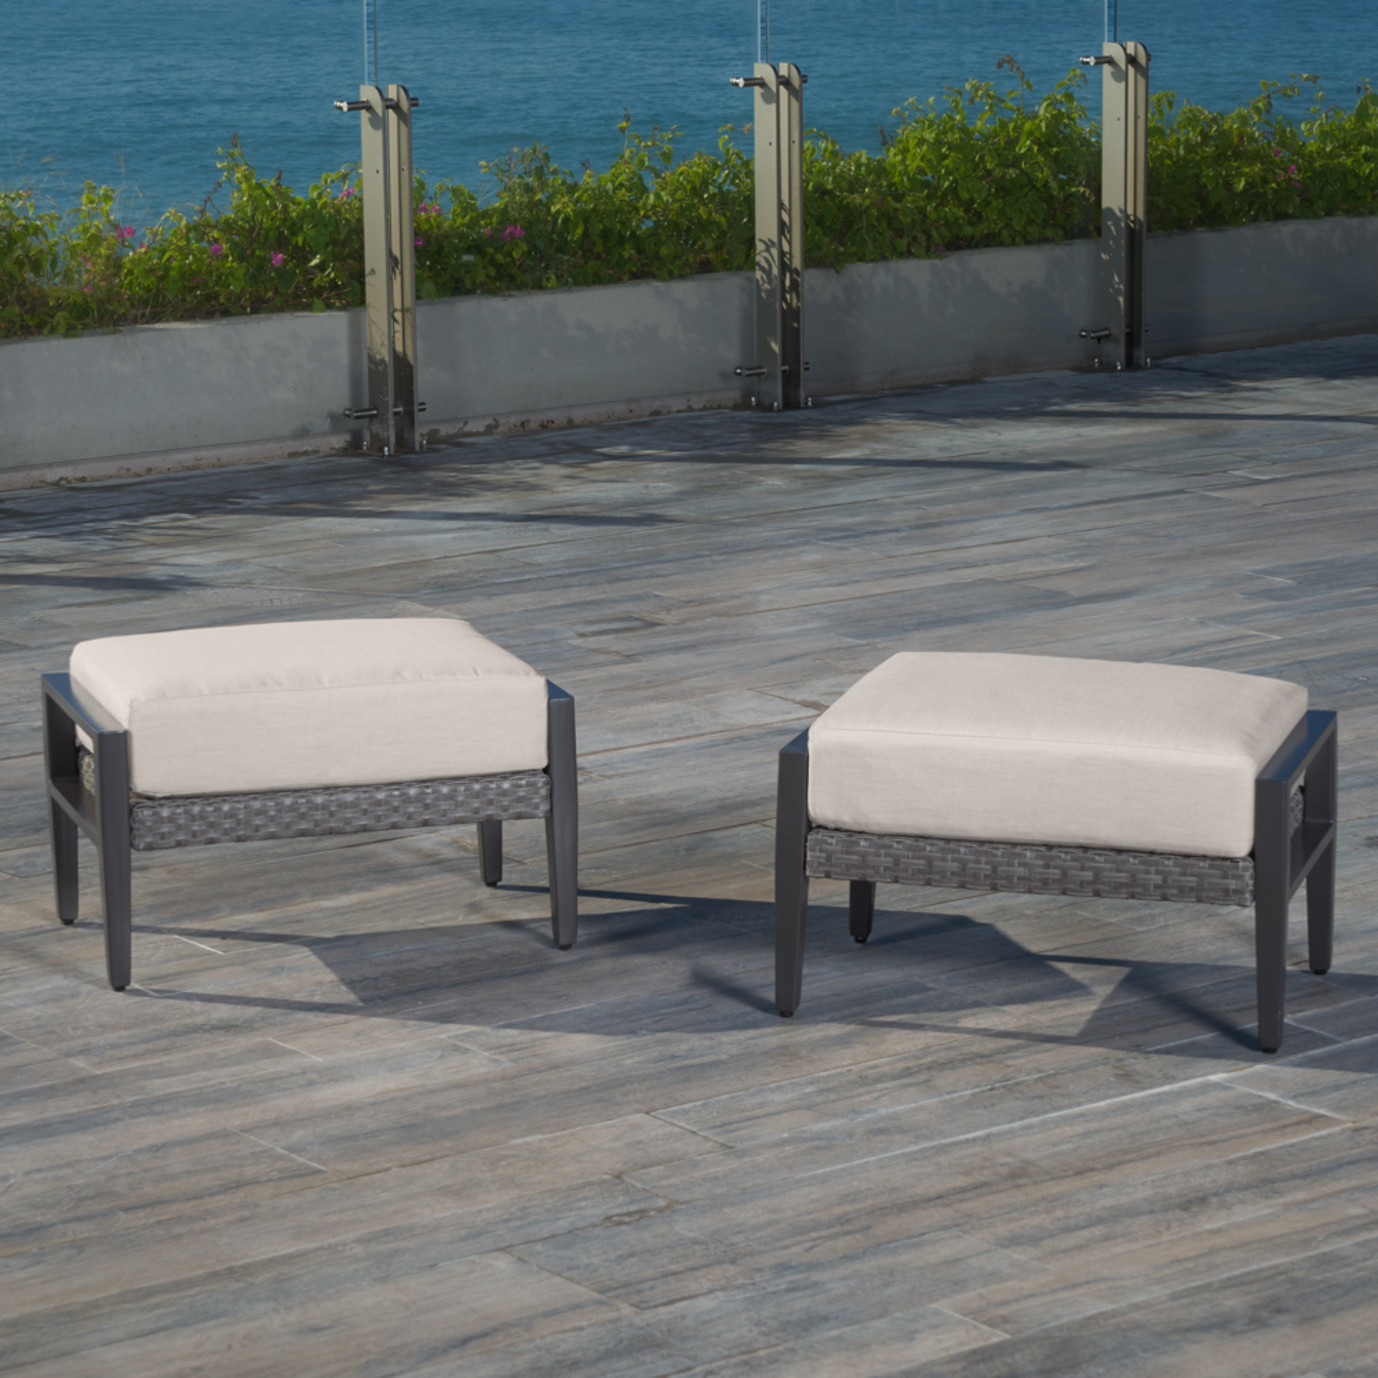 Vistano™ Club Chair Ottomans